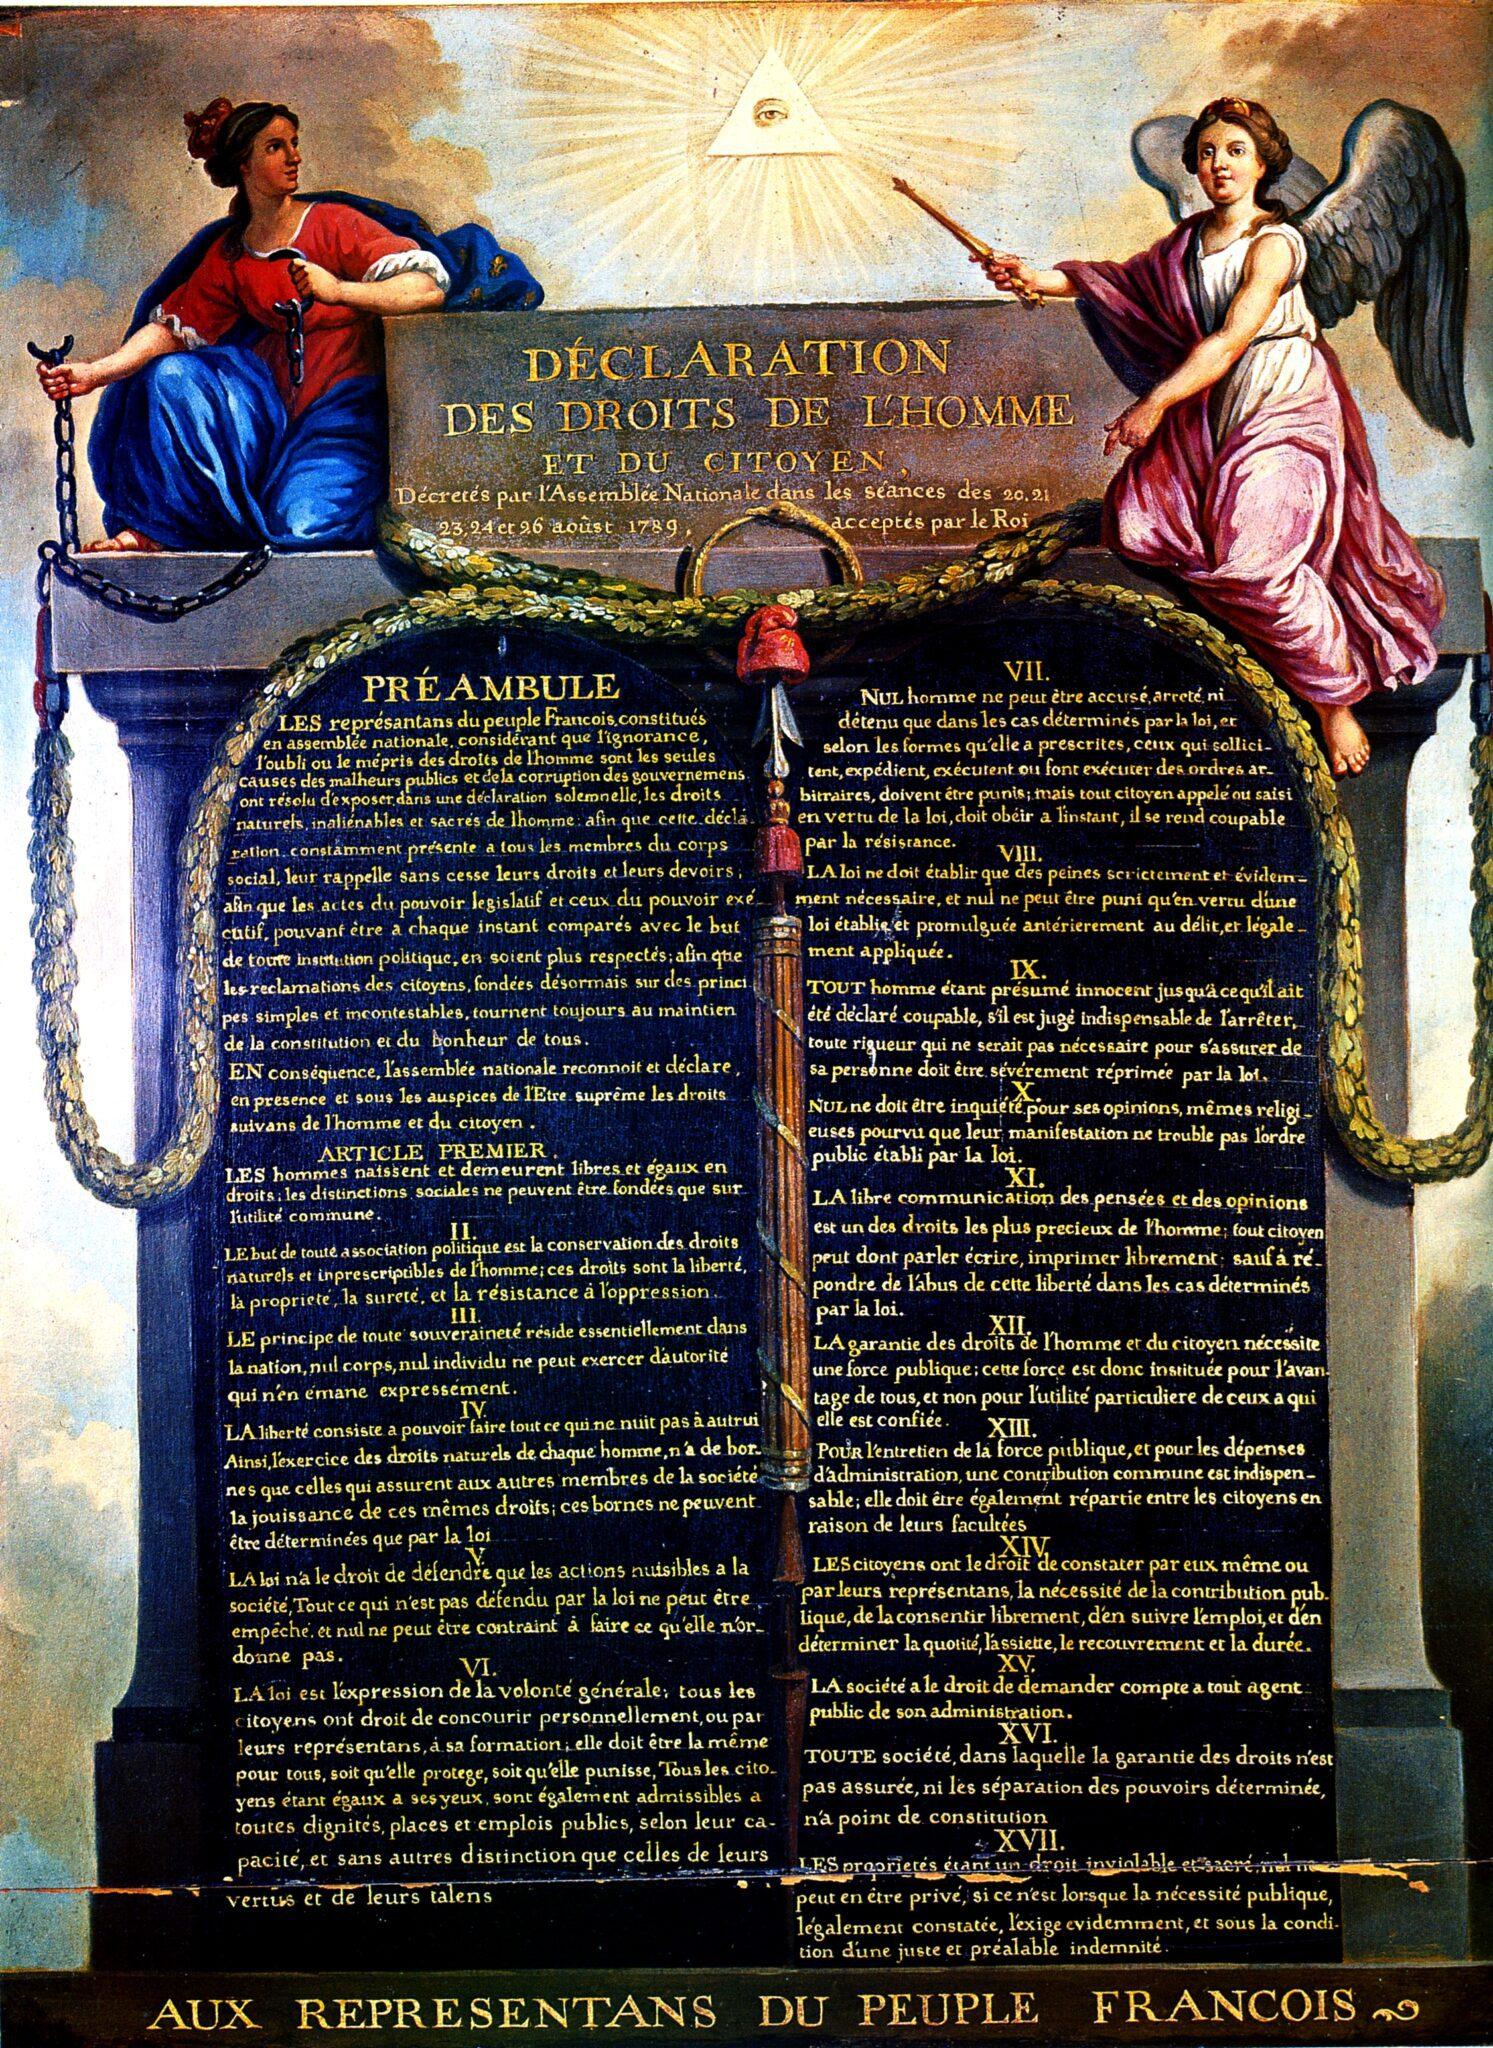 Διακήρυξη των Δικαιωμάτων του Ανθρώπου και του Πολίτη